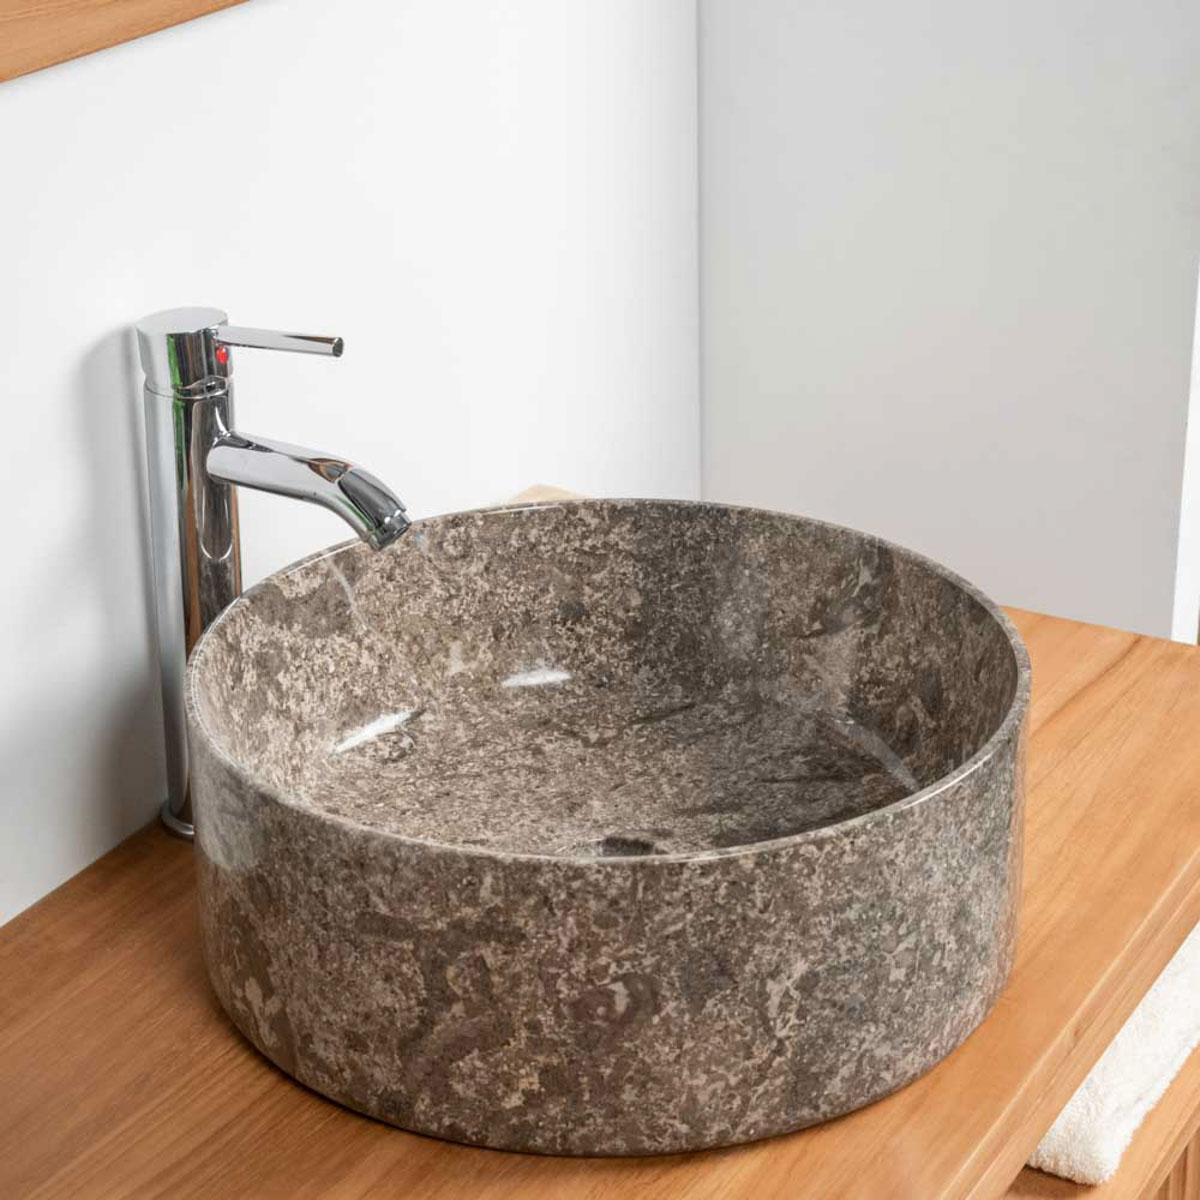 vasque poser en marbre salle de bain ulysse 40 gris. Black Bedroom Furniture Sets. Home Design Ideas